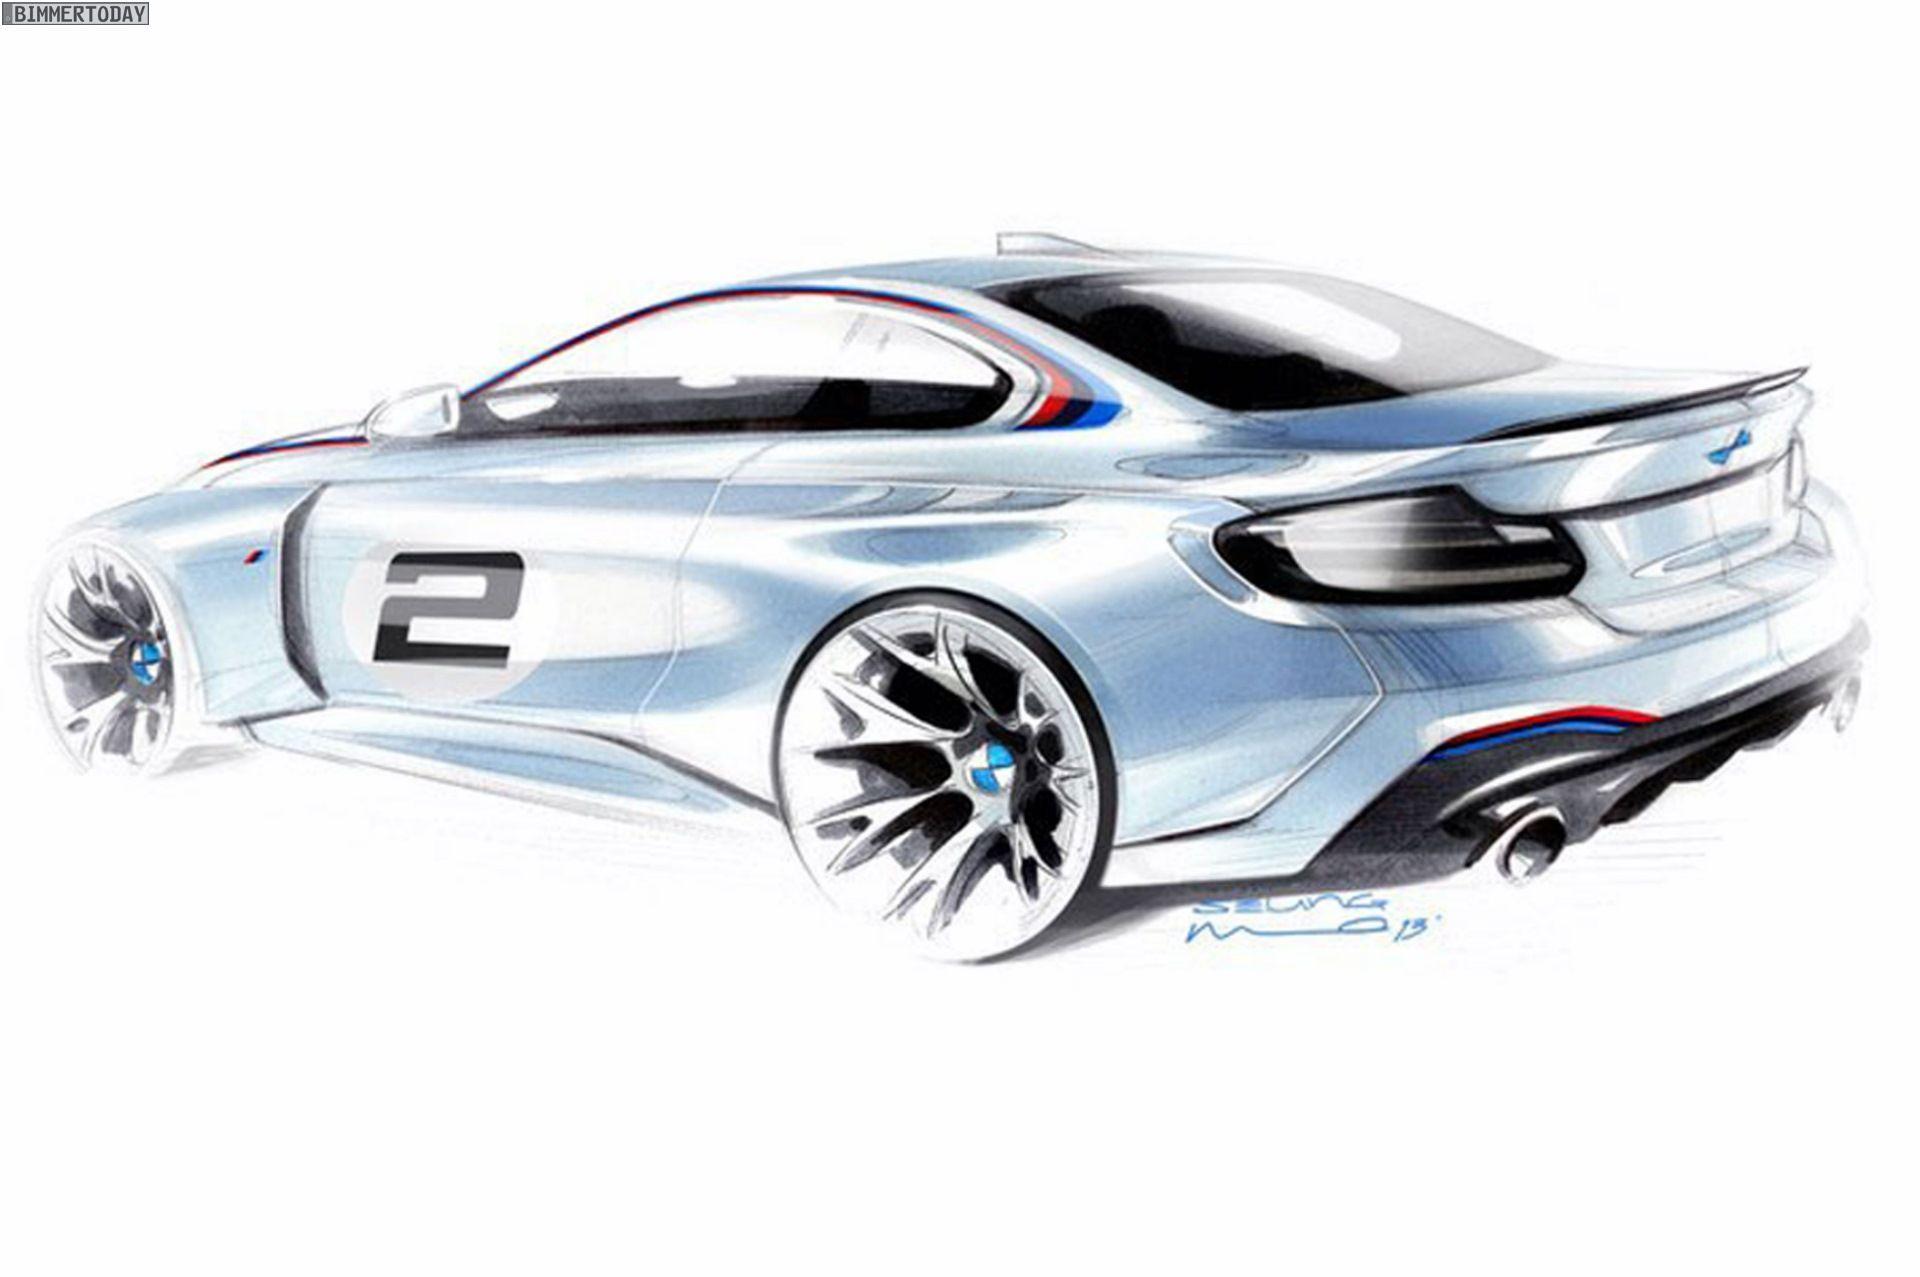 BMW-M235i-Racing-Design-Skizze-Rennwagen-Motorsport-Teaser-2.jpg ...